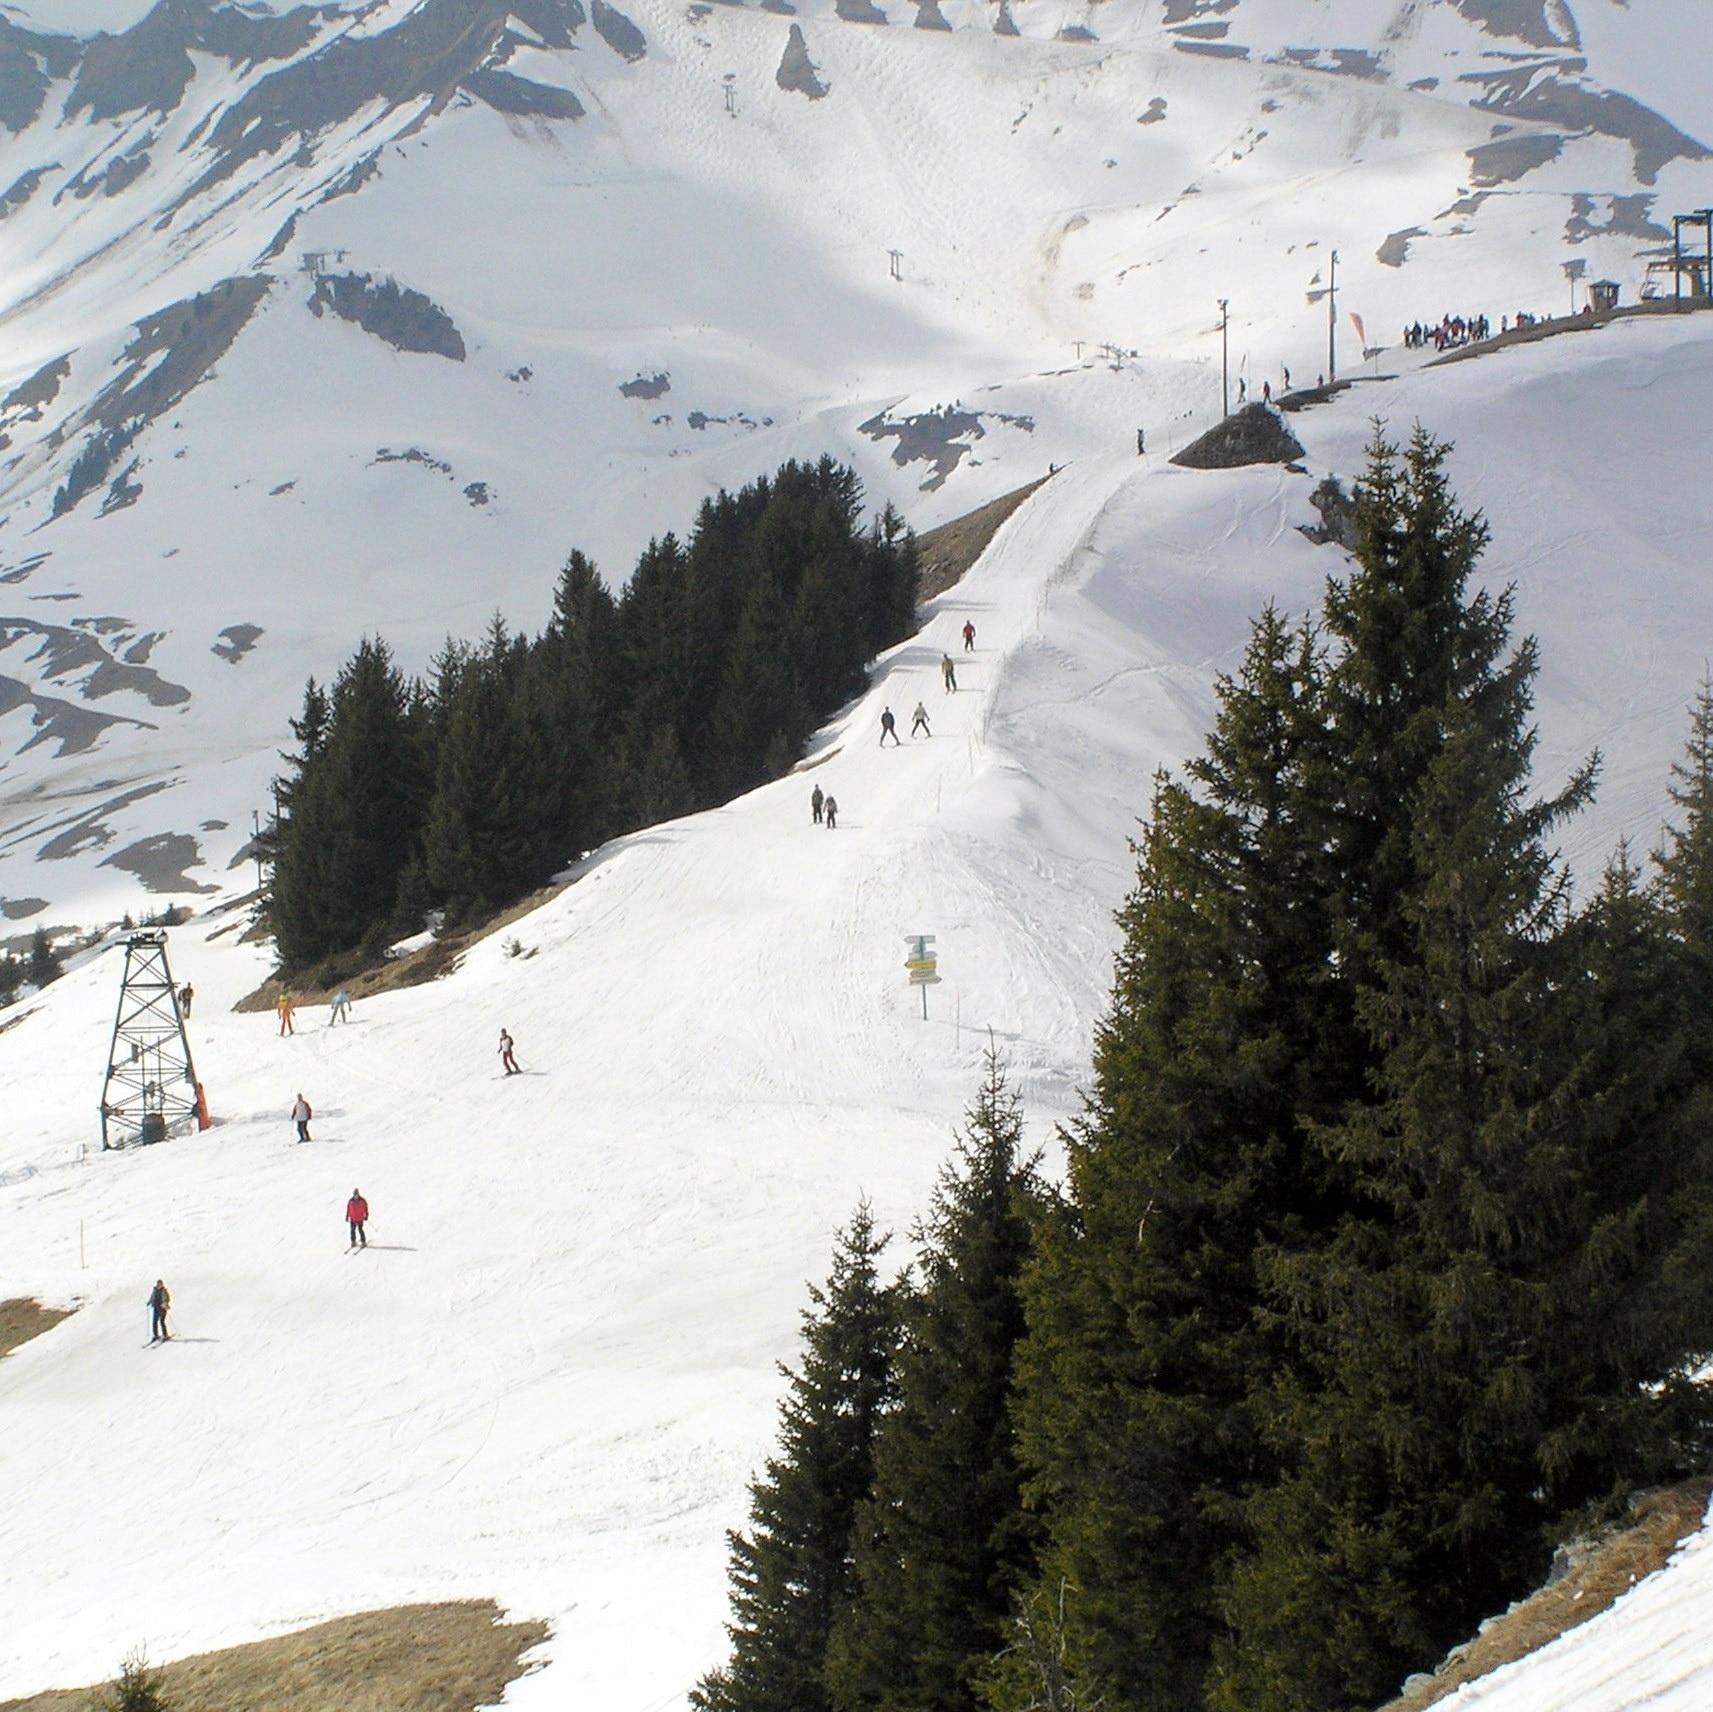 Champery Ski Resort, Champery, Valais, Switzerland